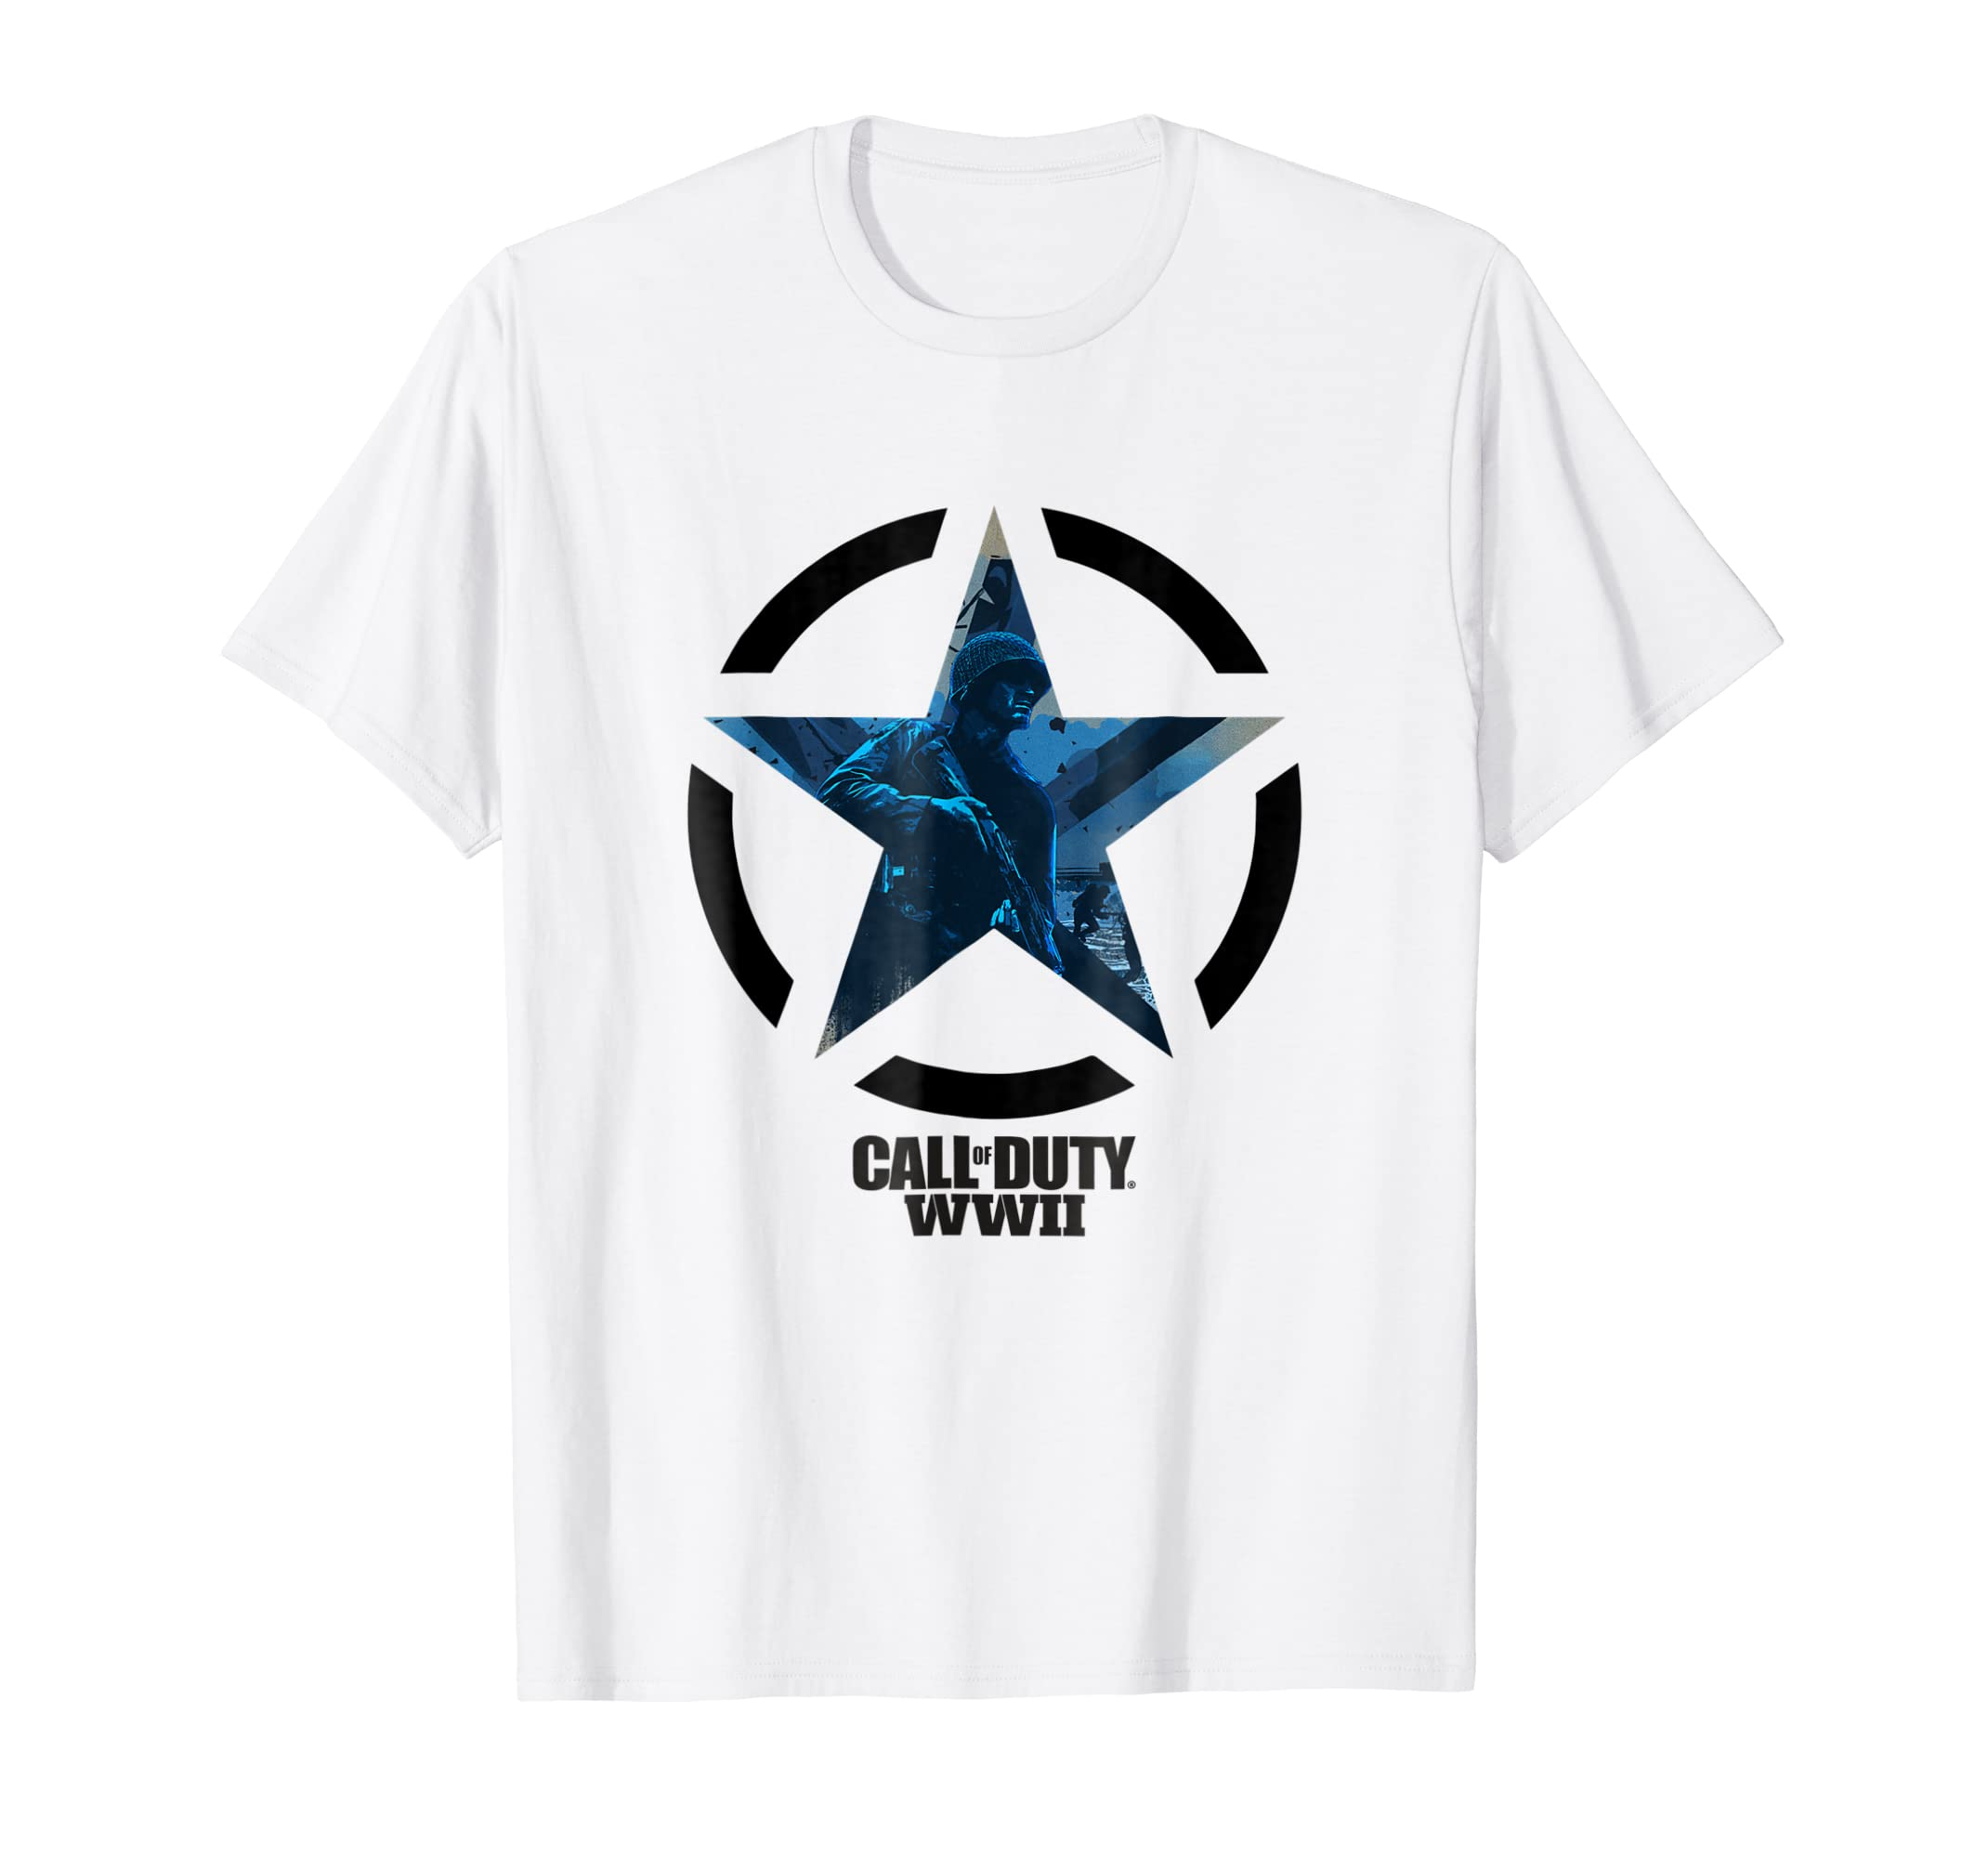 0f464a9f WWII Beach Front Line T Shirt-azvn – Anzvntee